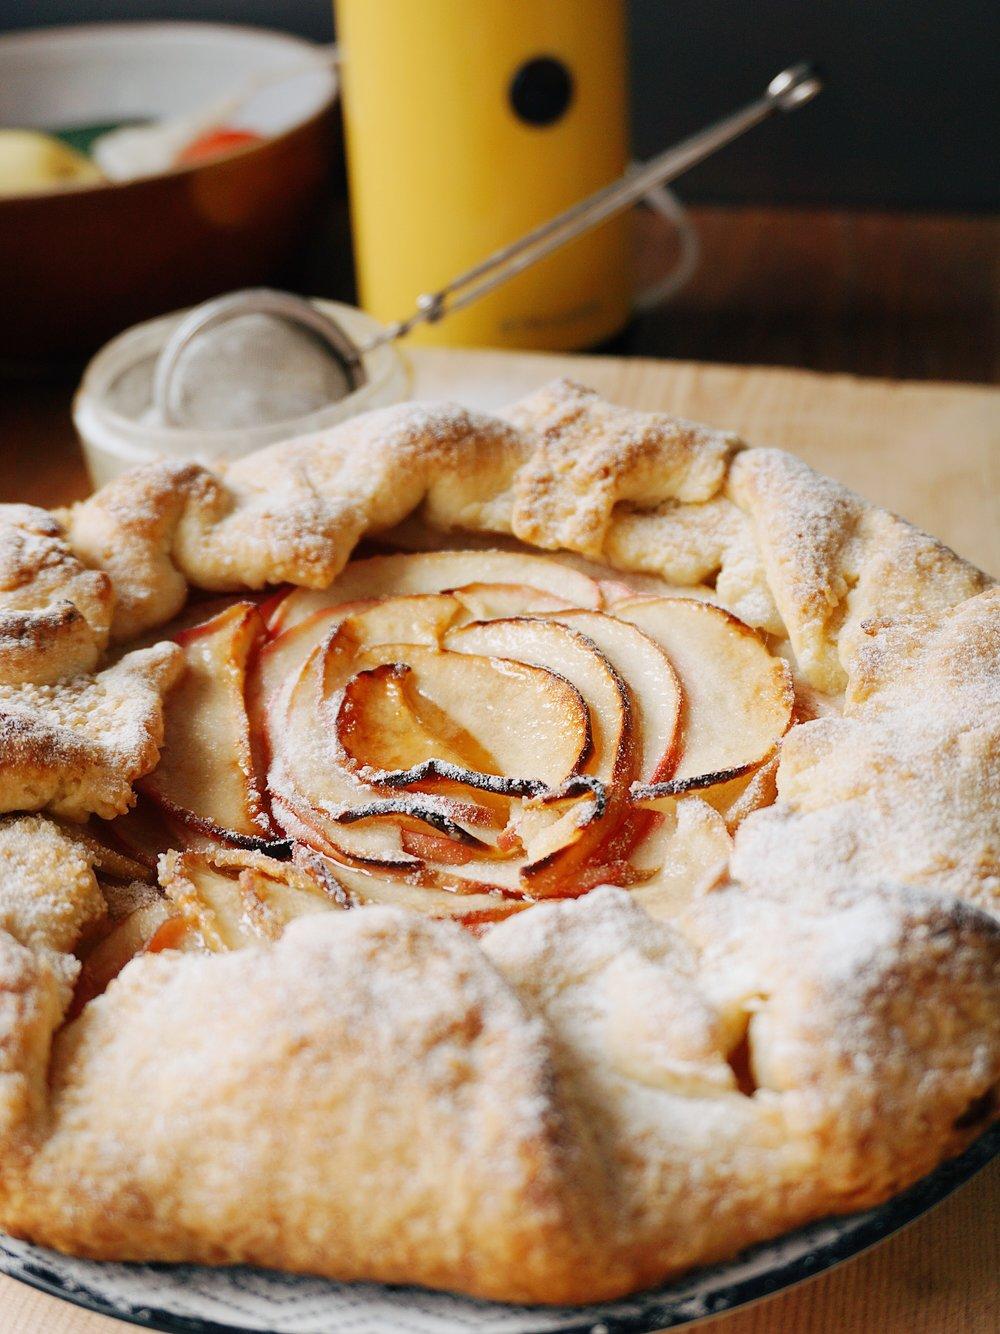 vienkāršais ābolu pīrāgs - aicinu jau laicīgi ieregulēt cepeškrāsnis 200°C karstumā, jo ledusskapī un pieliekamajā noteikti atradīsies visas sastāvdaļas vienam pavisam vienkāršam ābolu pīrāgam 🍎 apakša un maliņas tam būs drupenas, un no pagatavošanas instrukcijas soļu skaita nebaidieties - es tik tā izpletos, lai līdz sīkumiņam viss izdodas 🙂👇🏻